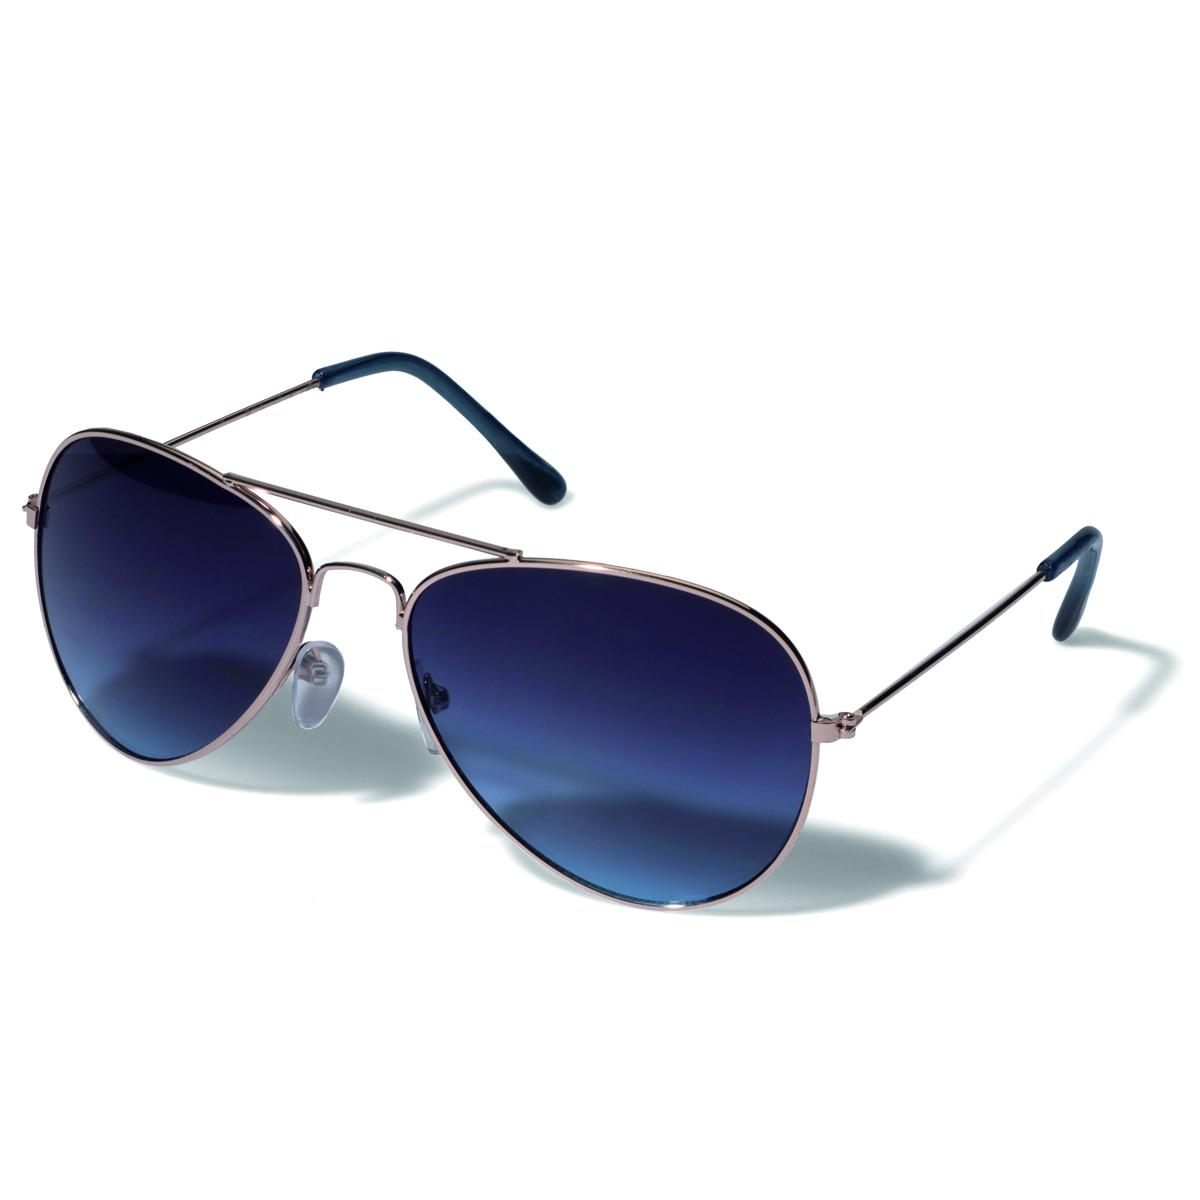 New Yorker SUNGLASSES Sunglasses 53 001 blue 79000 RSD New Yorker vam predlaže: Najbolje naočare za sunce